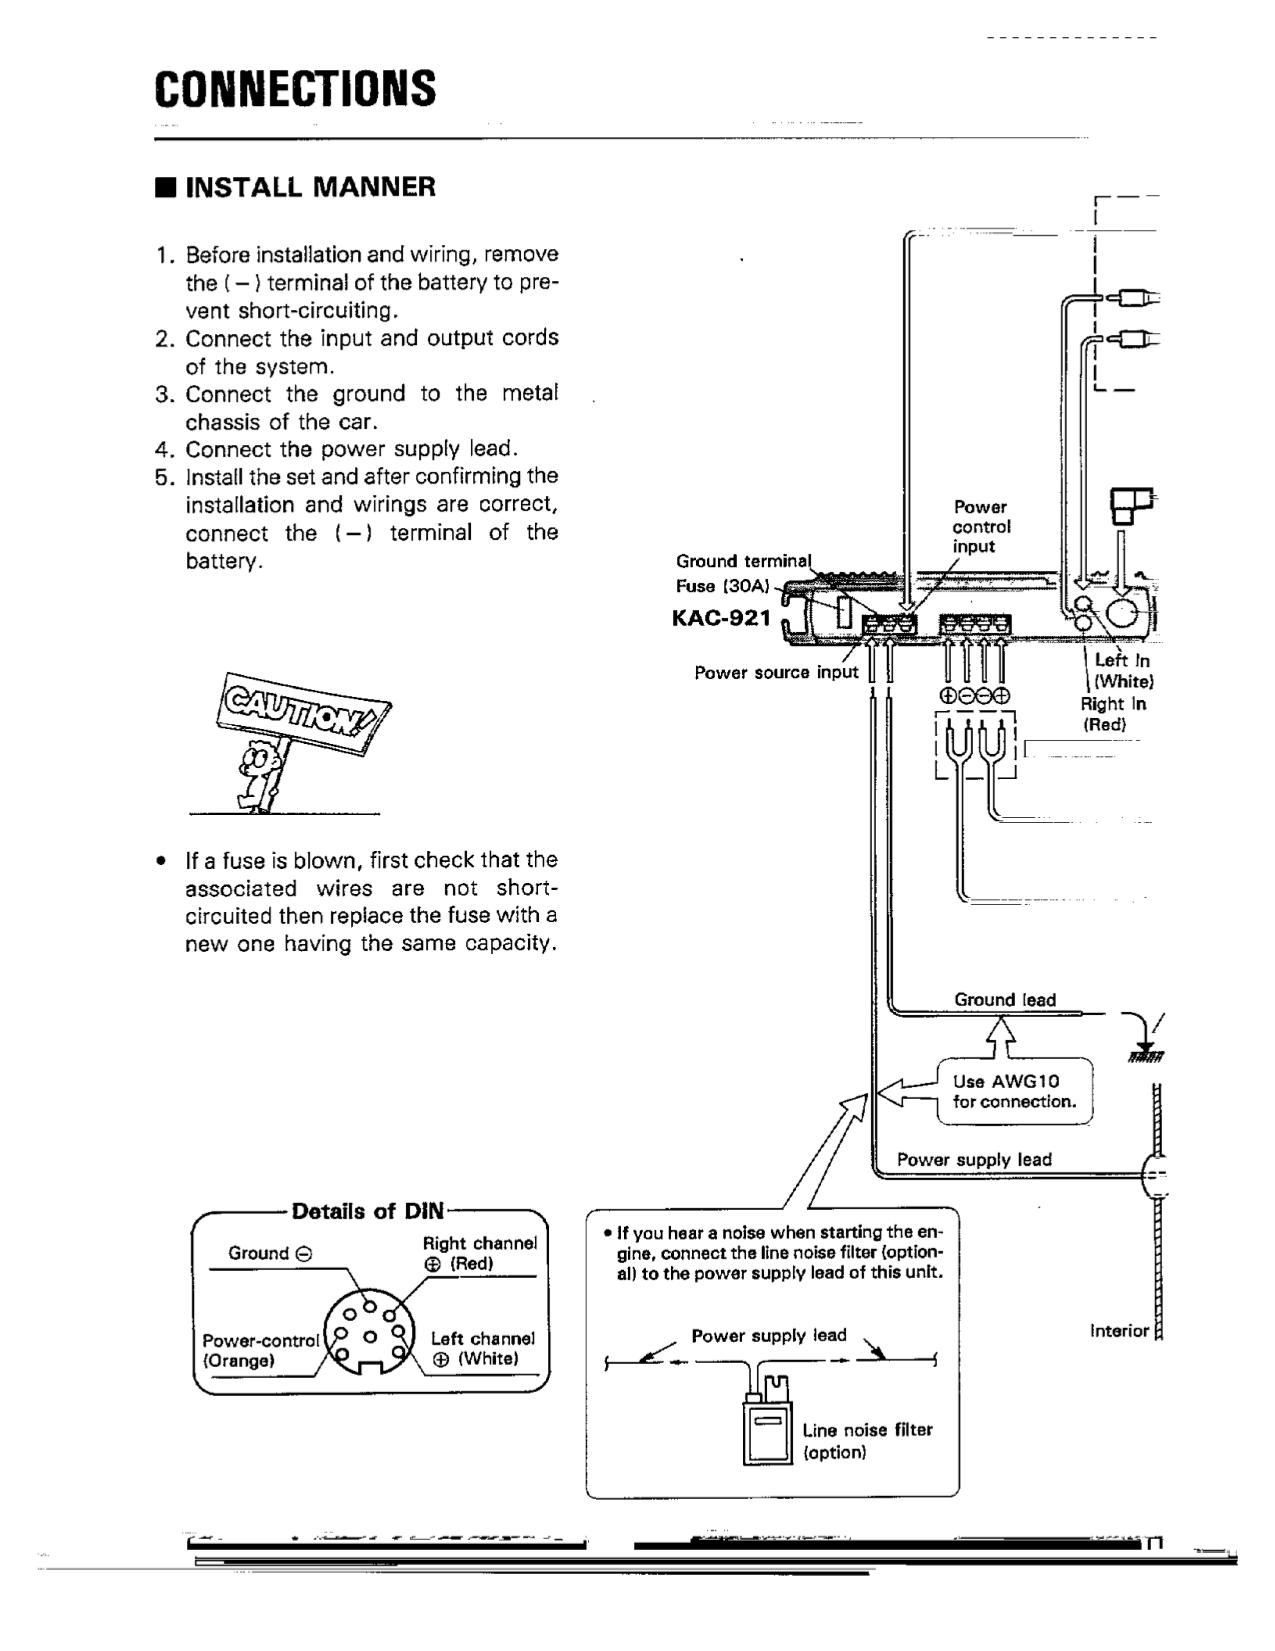 Kenwood 921 Amp Wiring Diagram | Wiring Diagram 2019 on wiring diagram telephone, wire diagram for radio, wiring diagram home, power supply for radio,